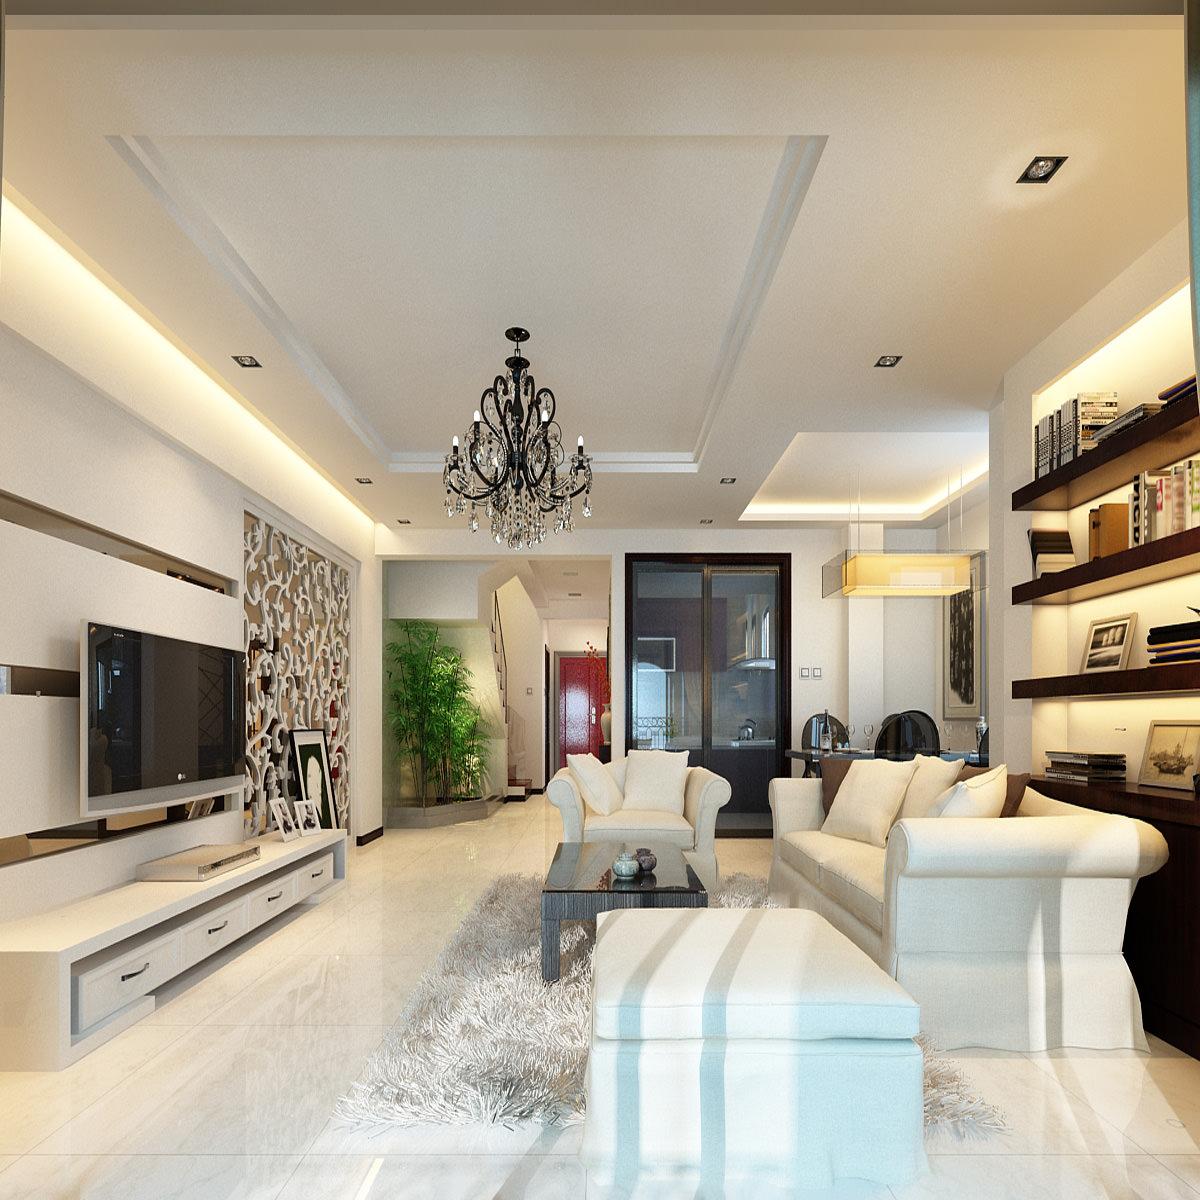 Home interior 3d model max Home 3d model